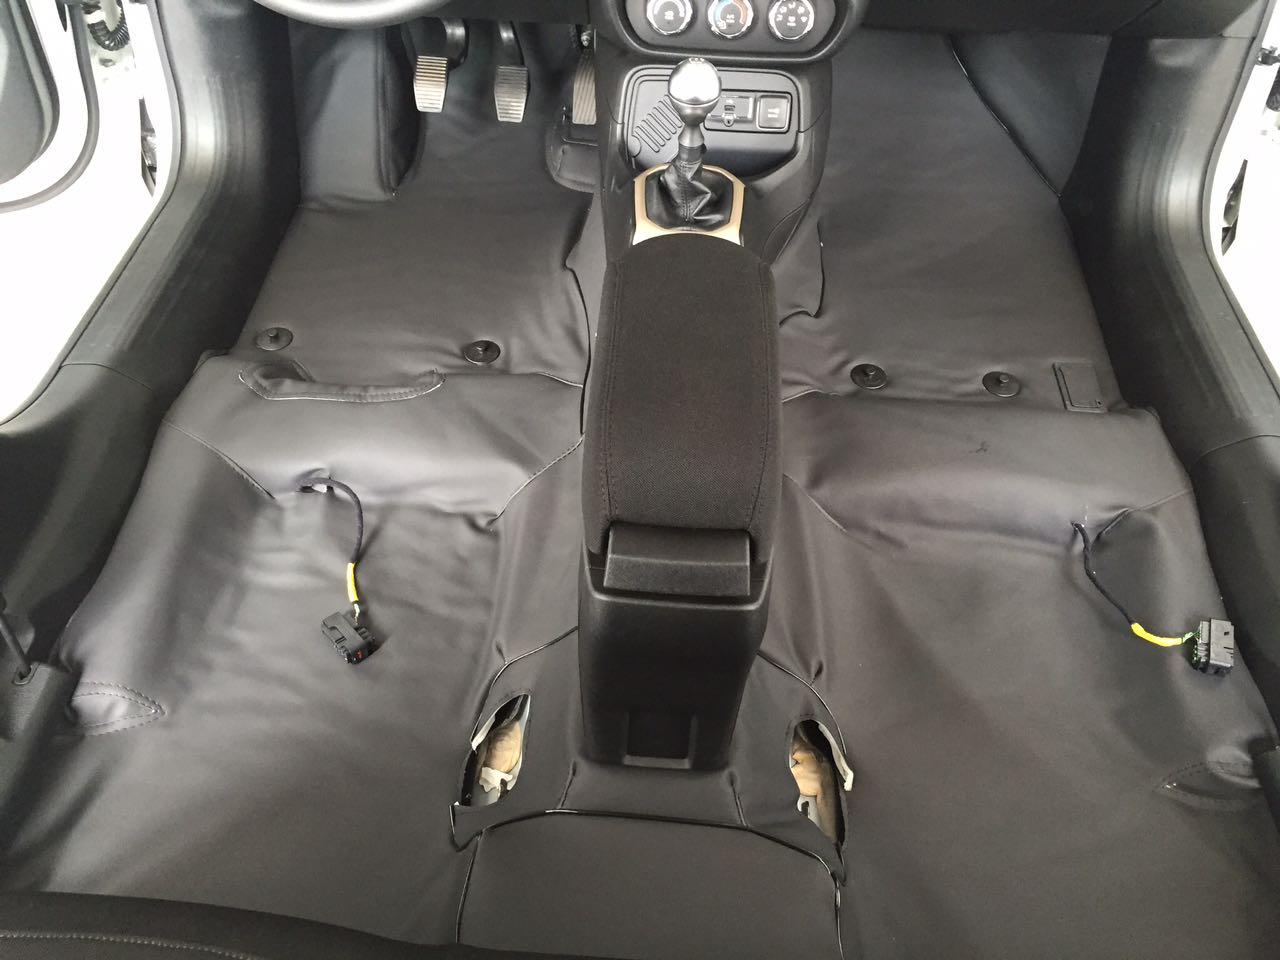 tapete Super Luxo Automotivo Assoalho fiat Doblo cobre ate o porta malas em couro courvin